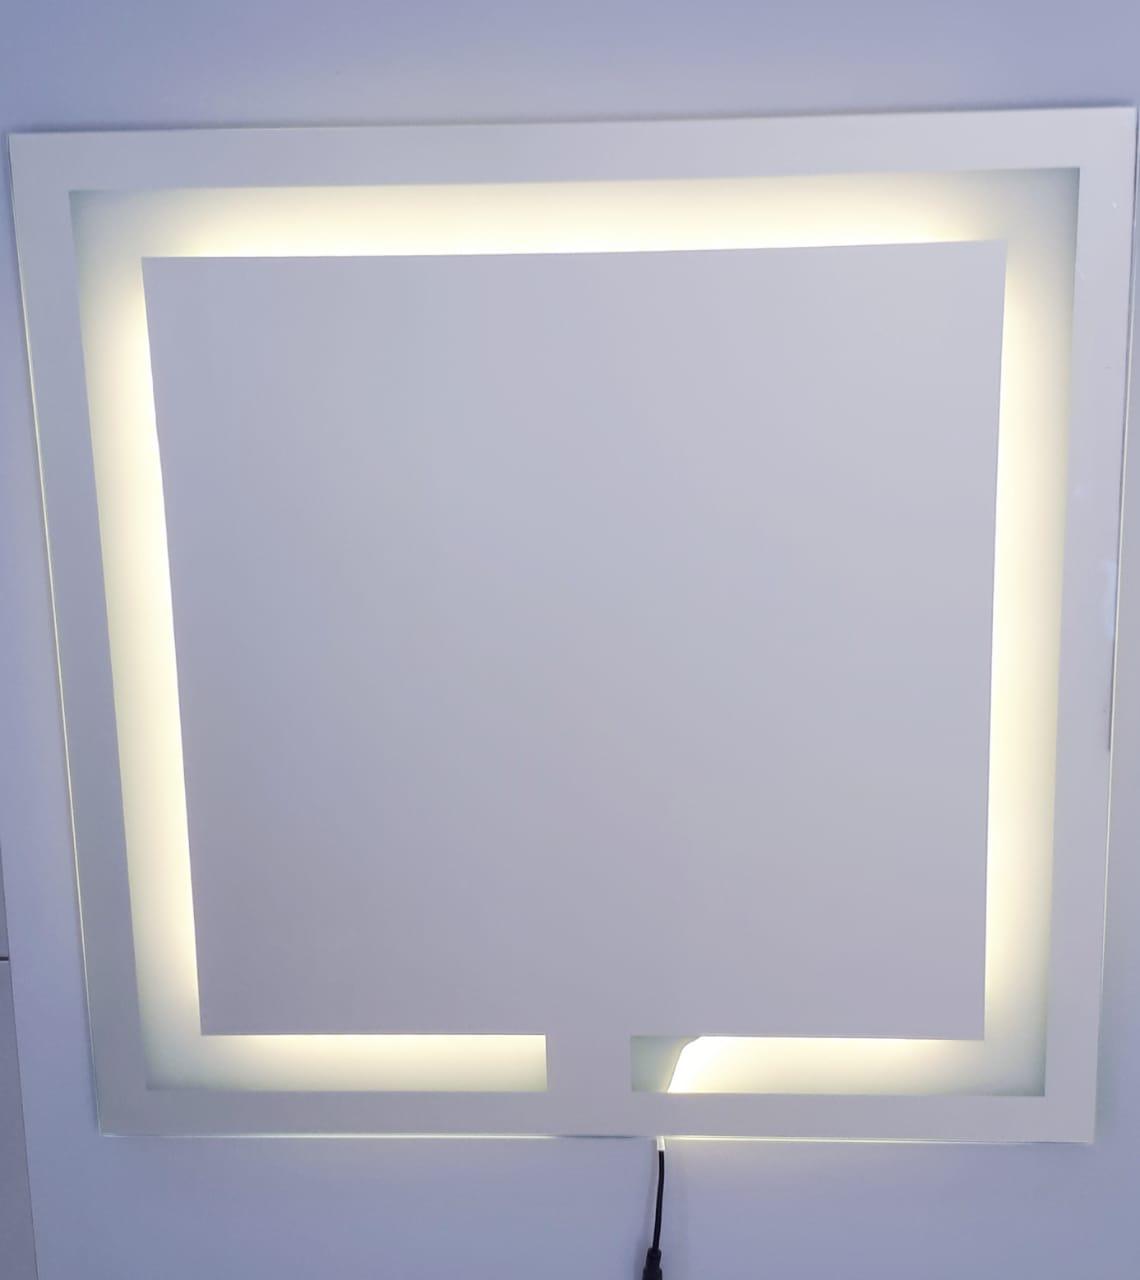 Espelho LED Frio quadrado iluminado jateado - 60x60cm